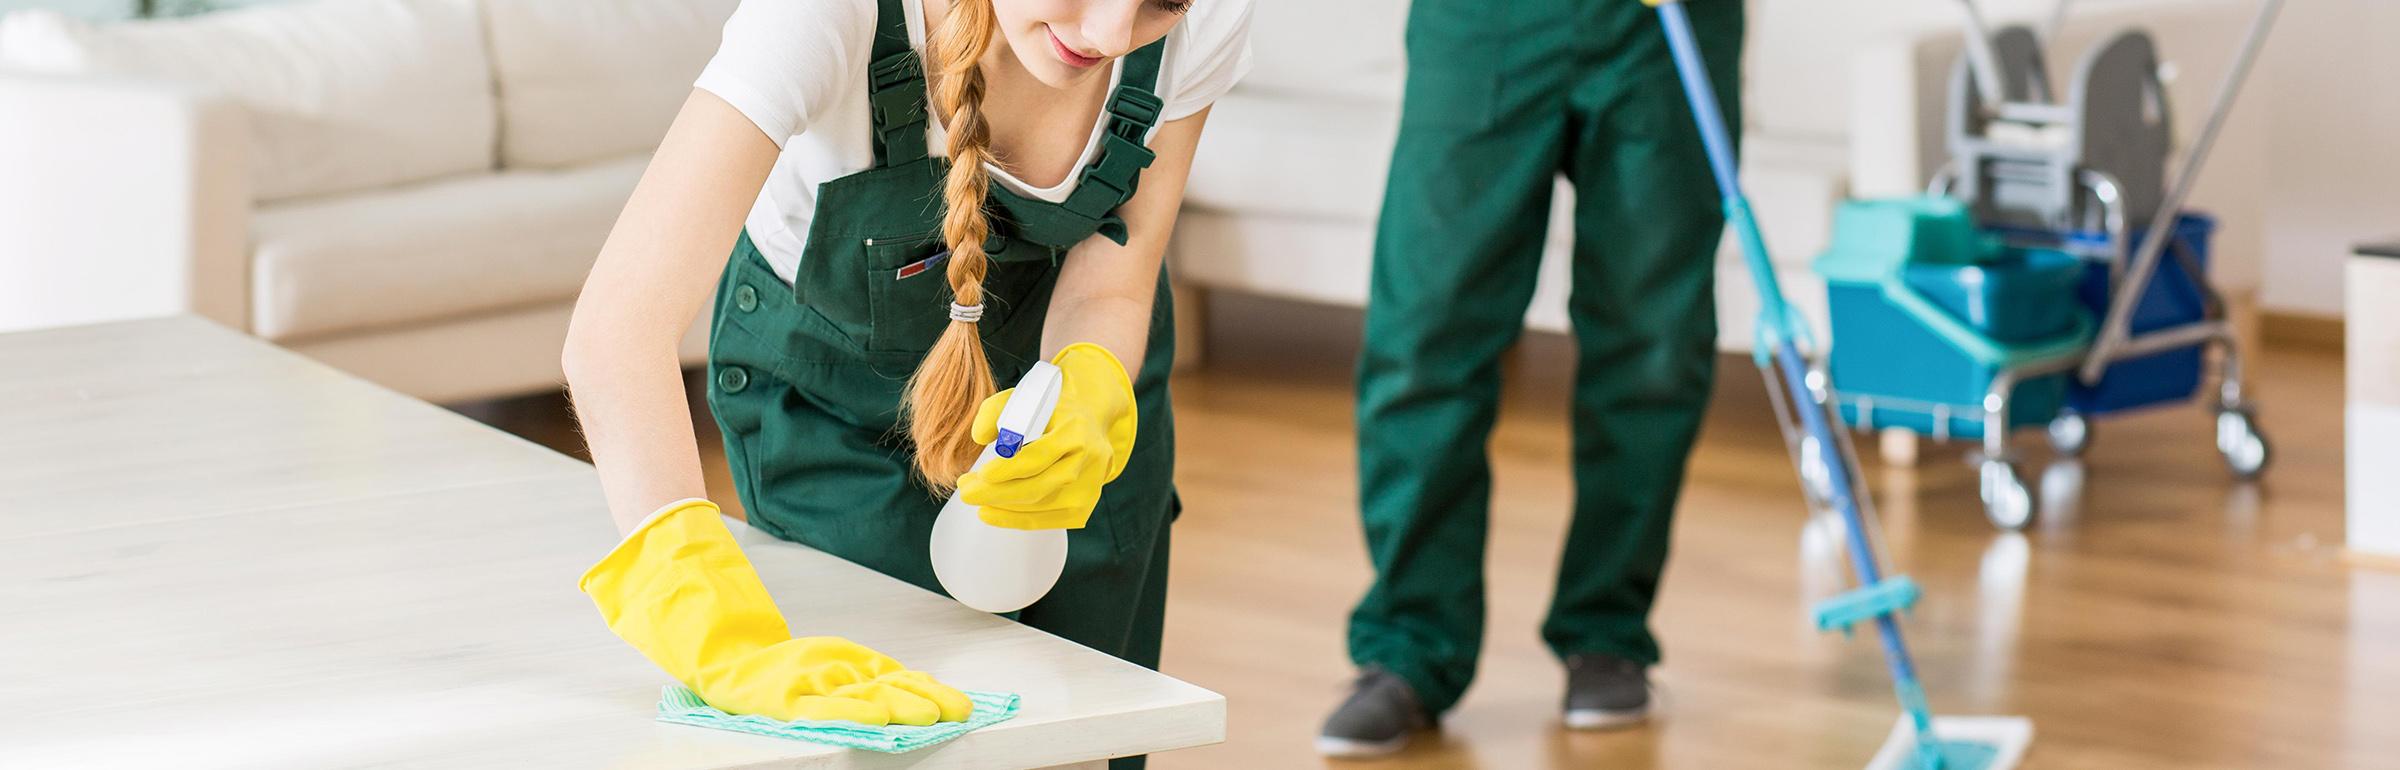 Zabezpečujeme upratovanie bytov, domov, kancelárií a nebytových priestorov v Topolčanoch a okolí.